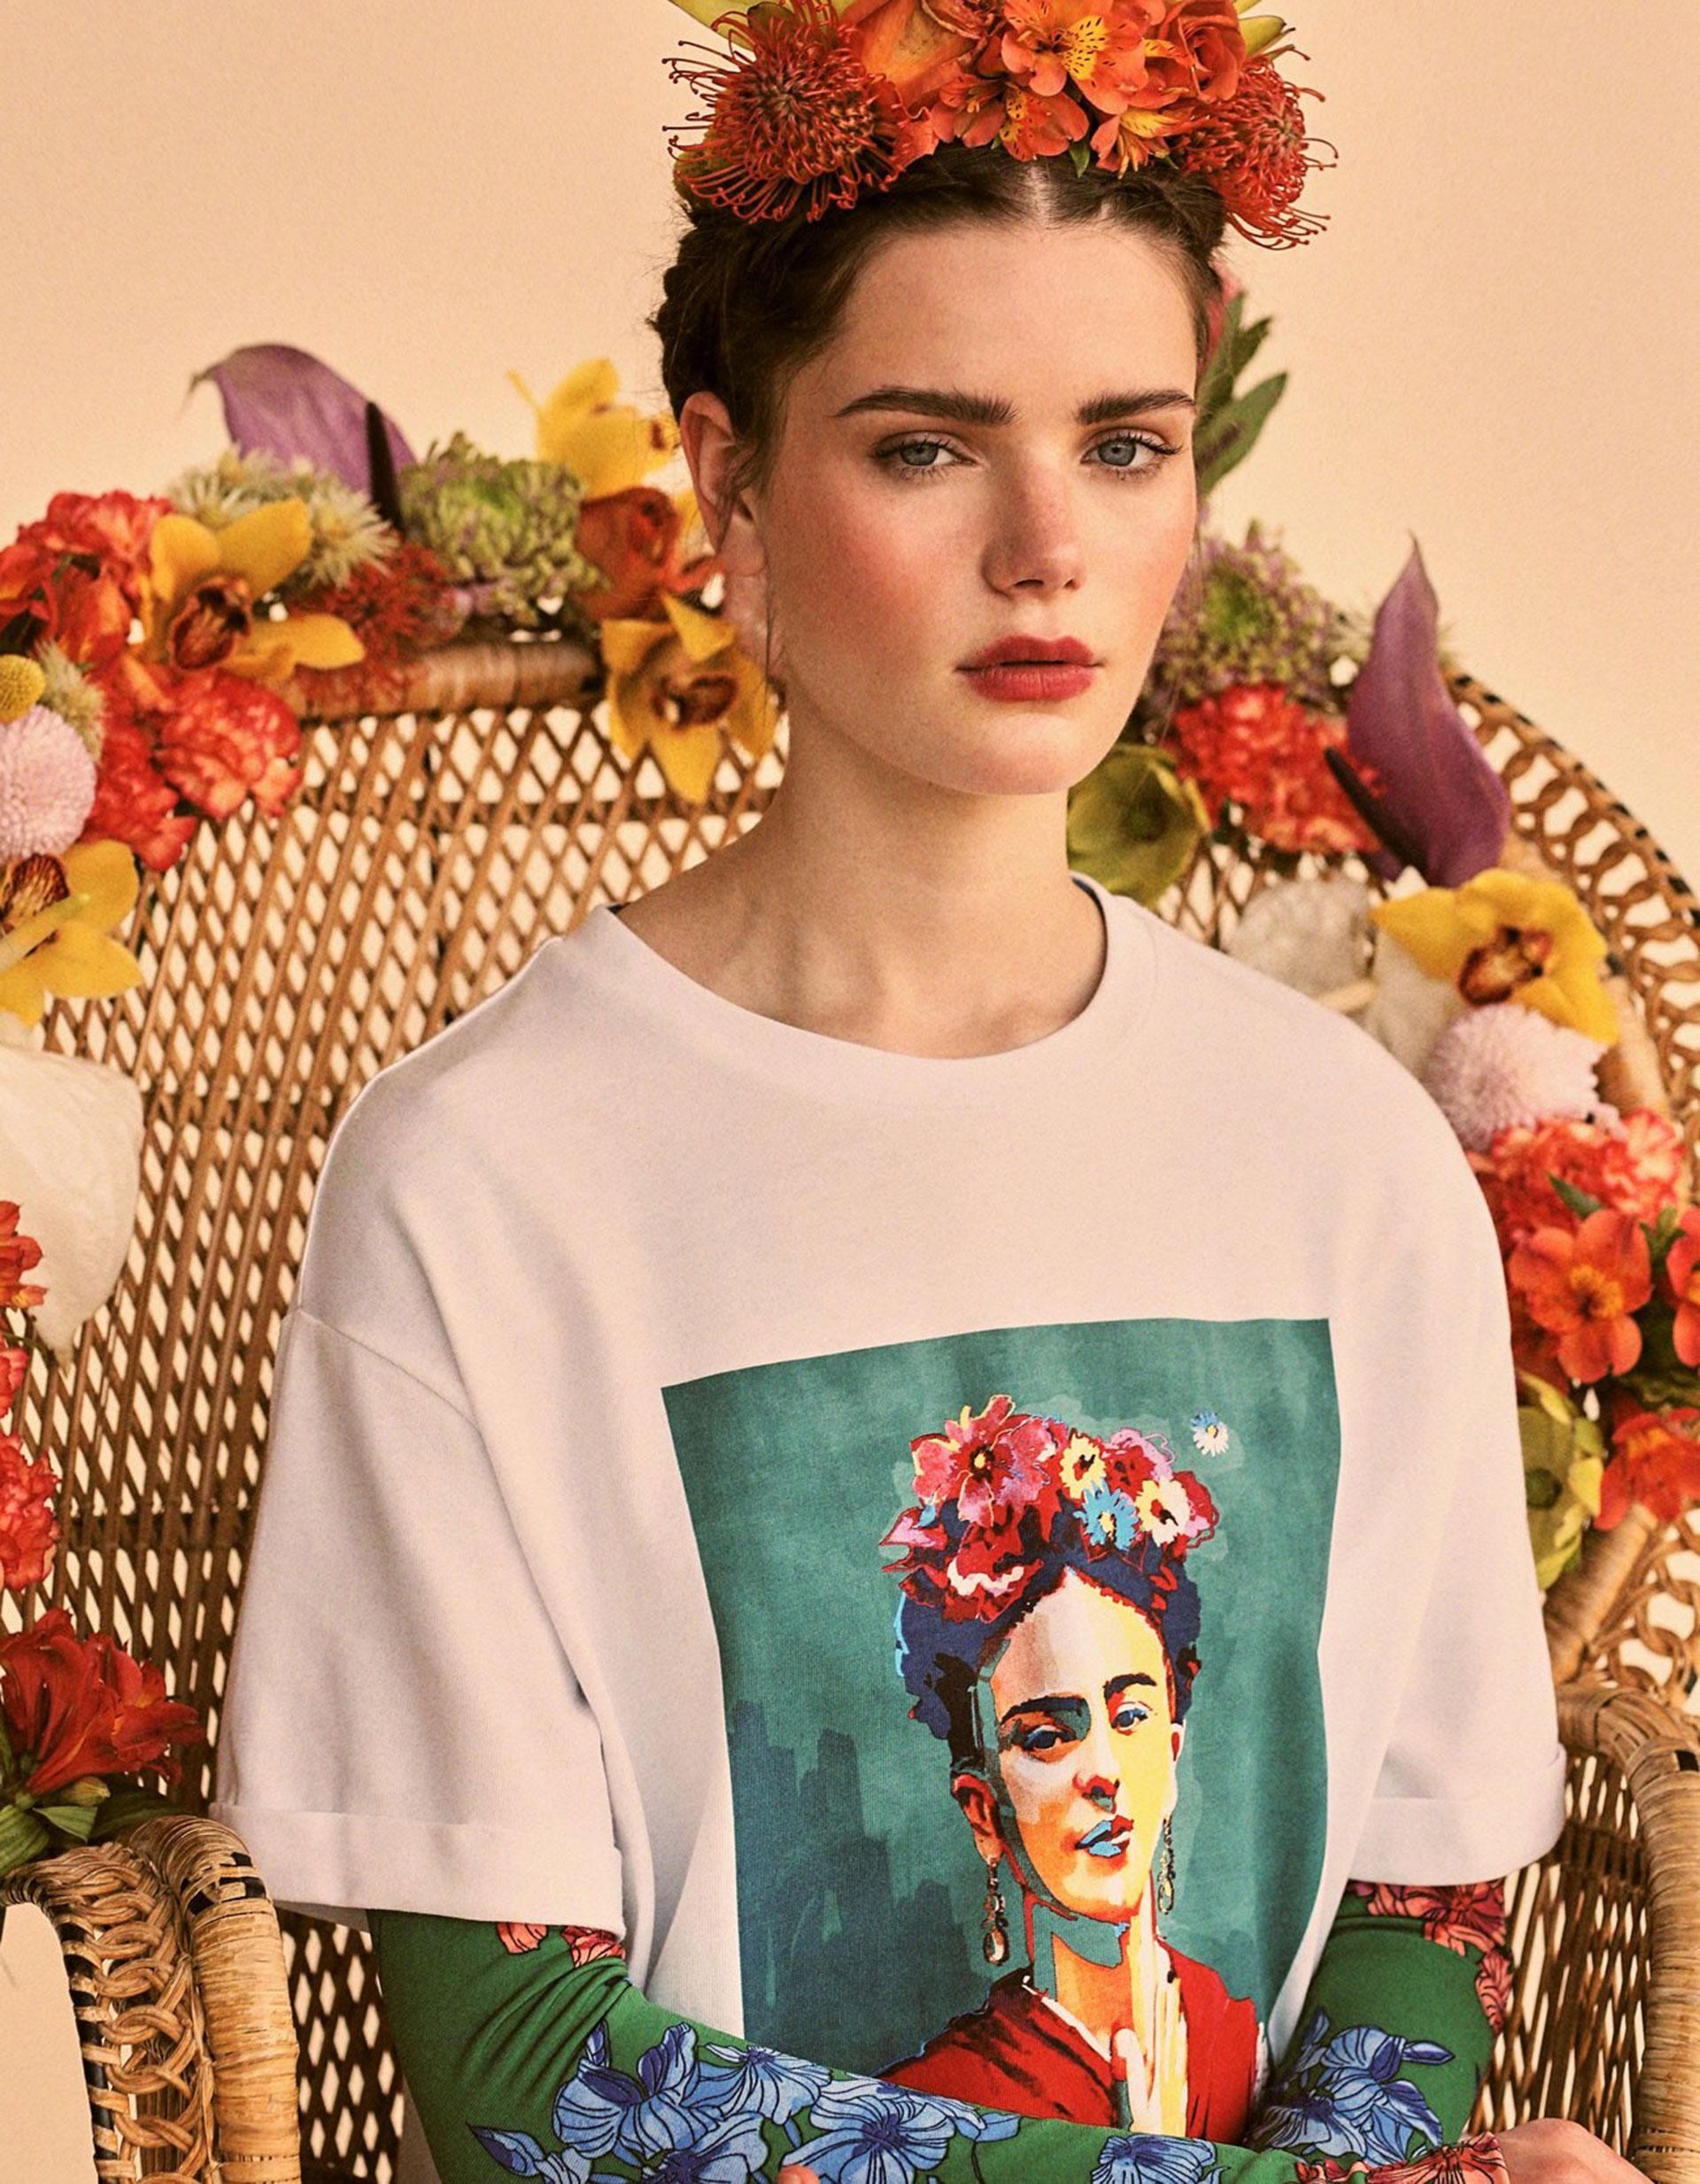 Stradivarius lanza colección inspirada en Frida Kahlo